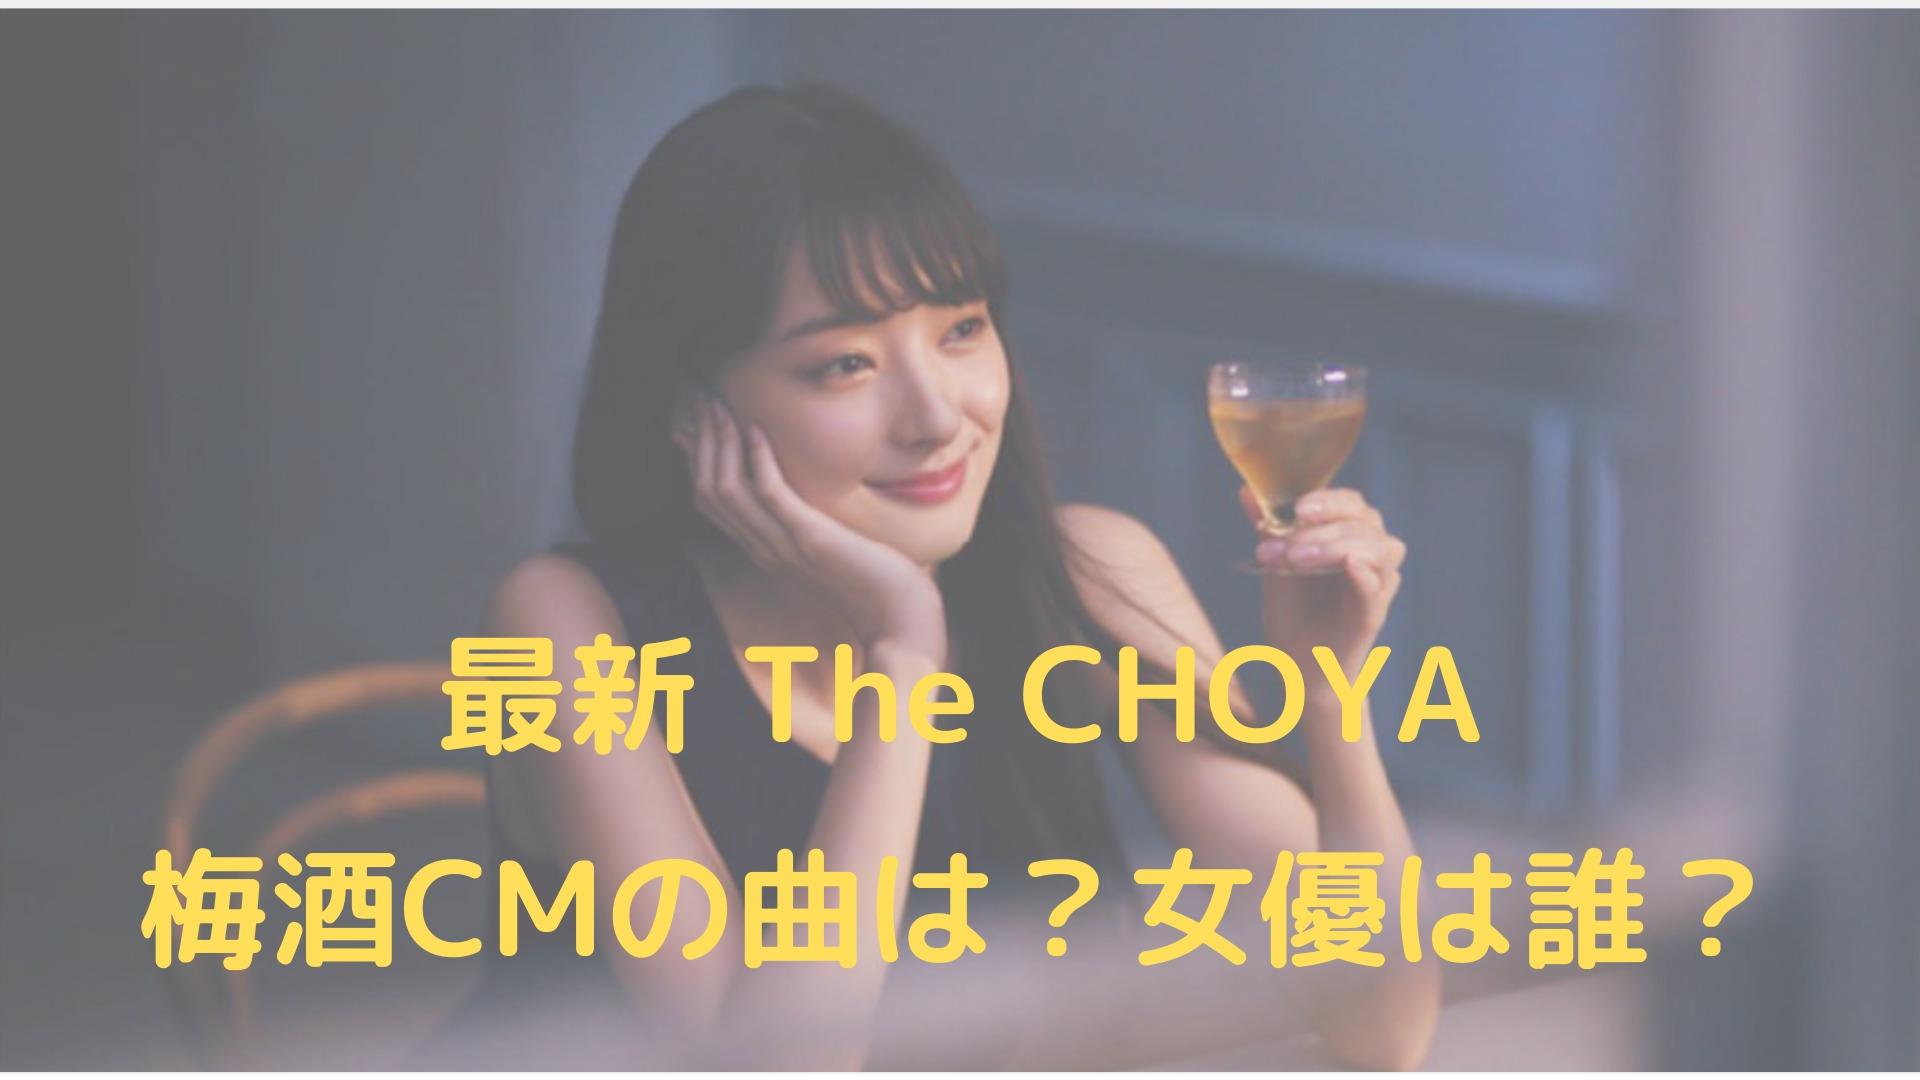 2020 女優 梅酒 cm チョーヤ CHOYA(チョーヤ)のCM2020女優は誰?黒髪美人の女性は?